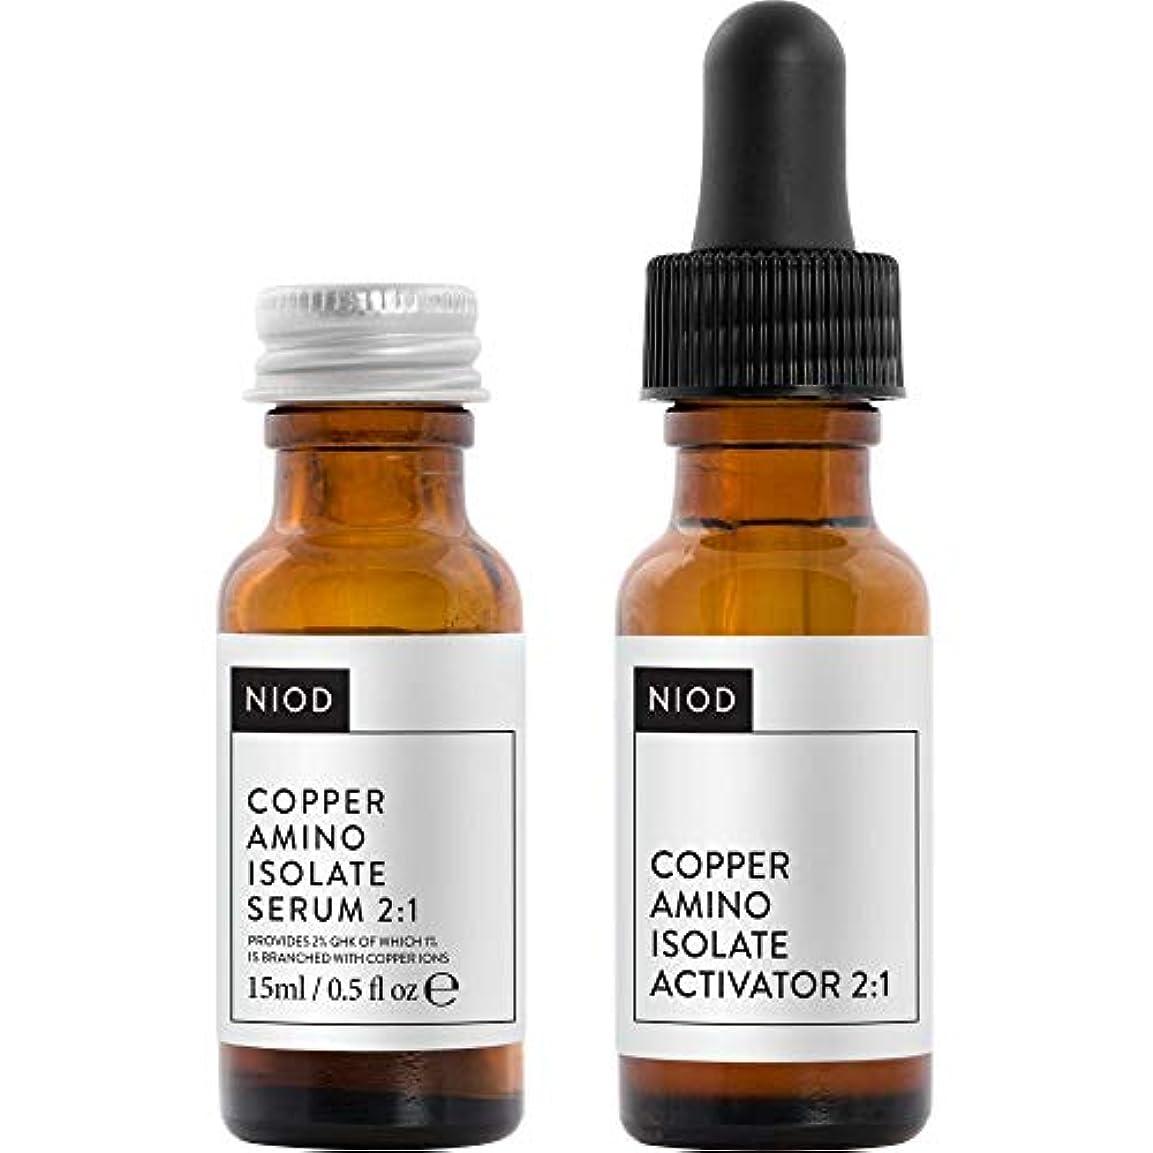 弾薬十分にドアミラー[NIOD] Niod銅アミノ分離株の血清2:1 15ミリリットル - NIOD Copper Amino Isolate Serum 2:1 15ml [並行輸入品]